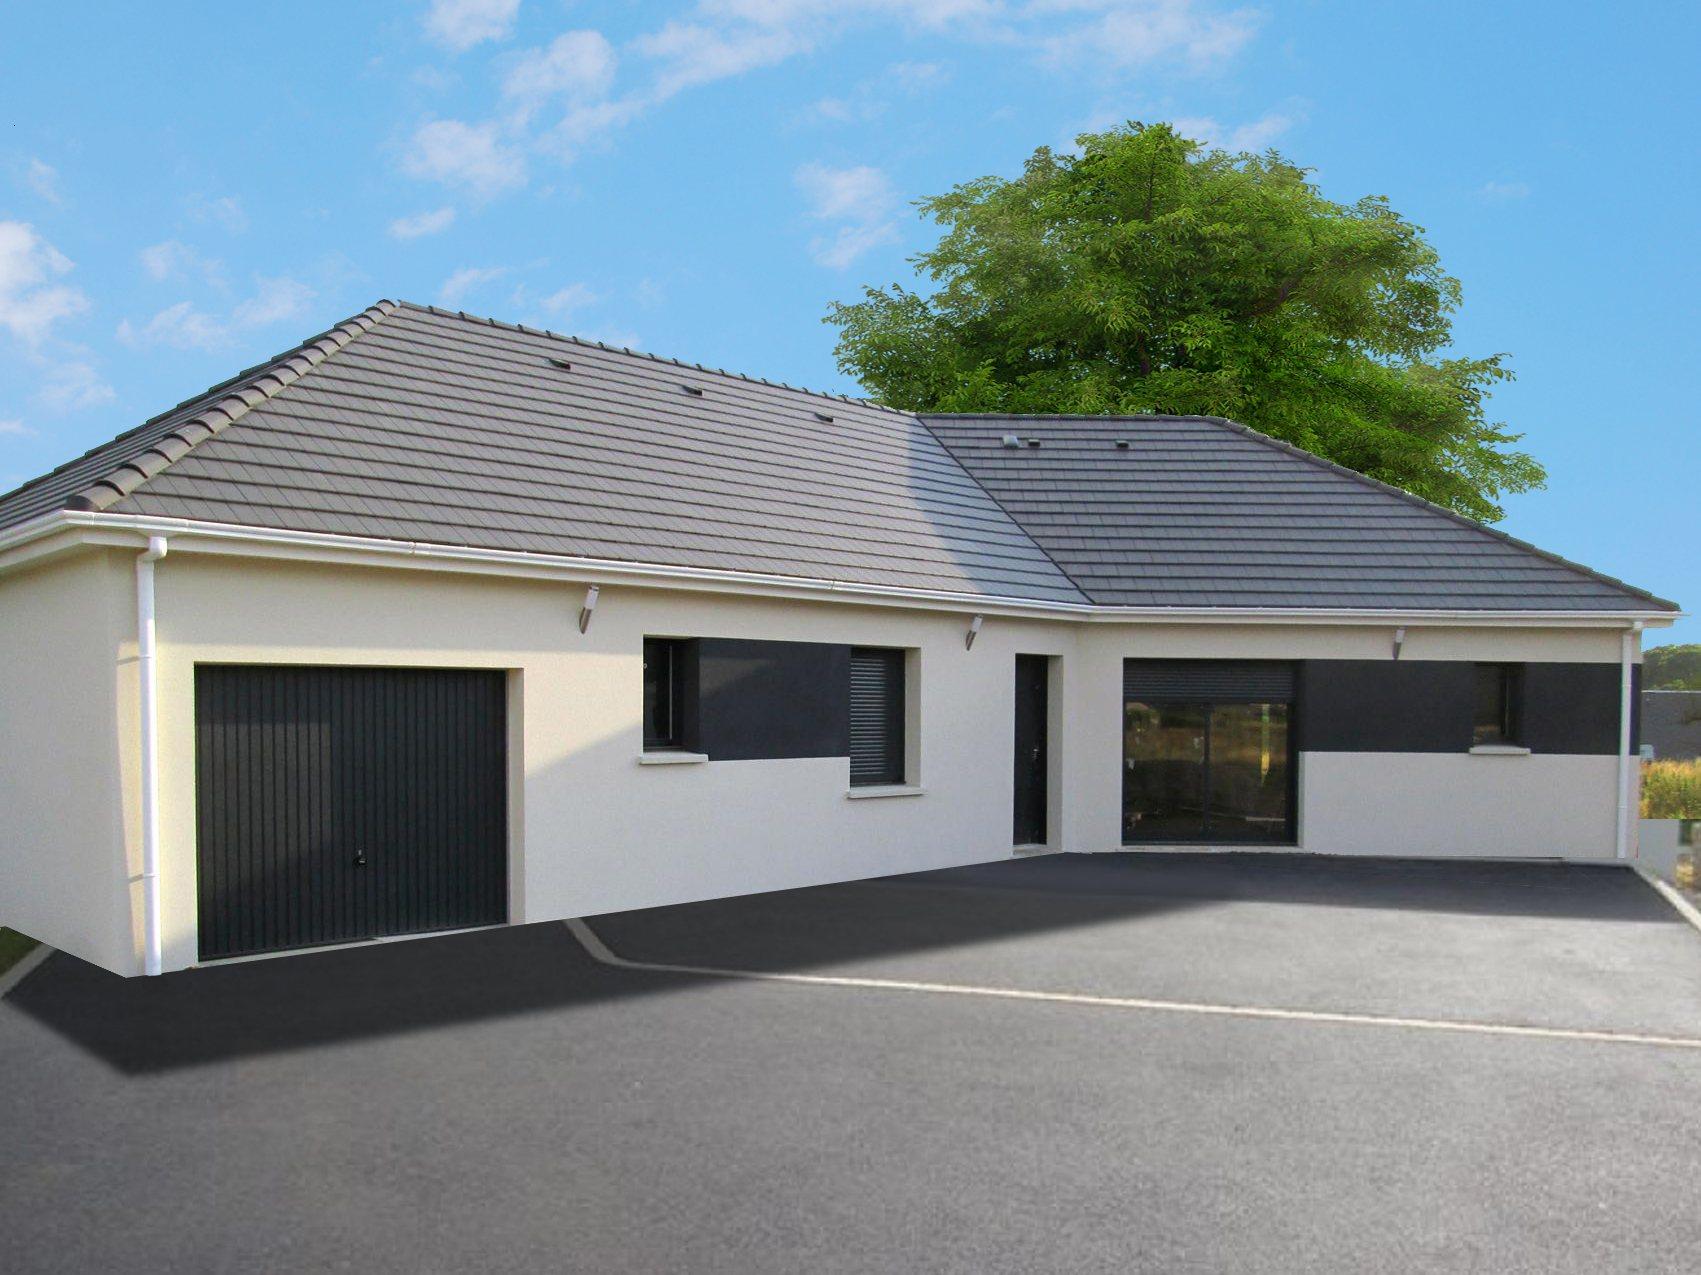 Maisons + Terrains du constructeur MAISON CASTOR • 120 m² • PACY SUR EURE